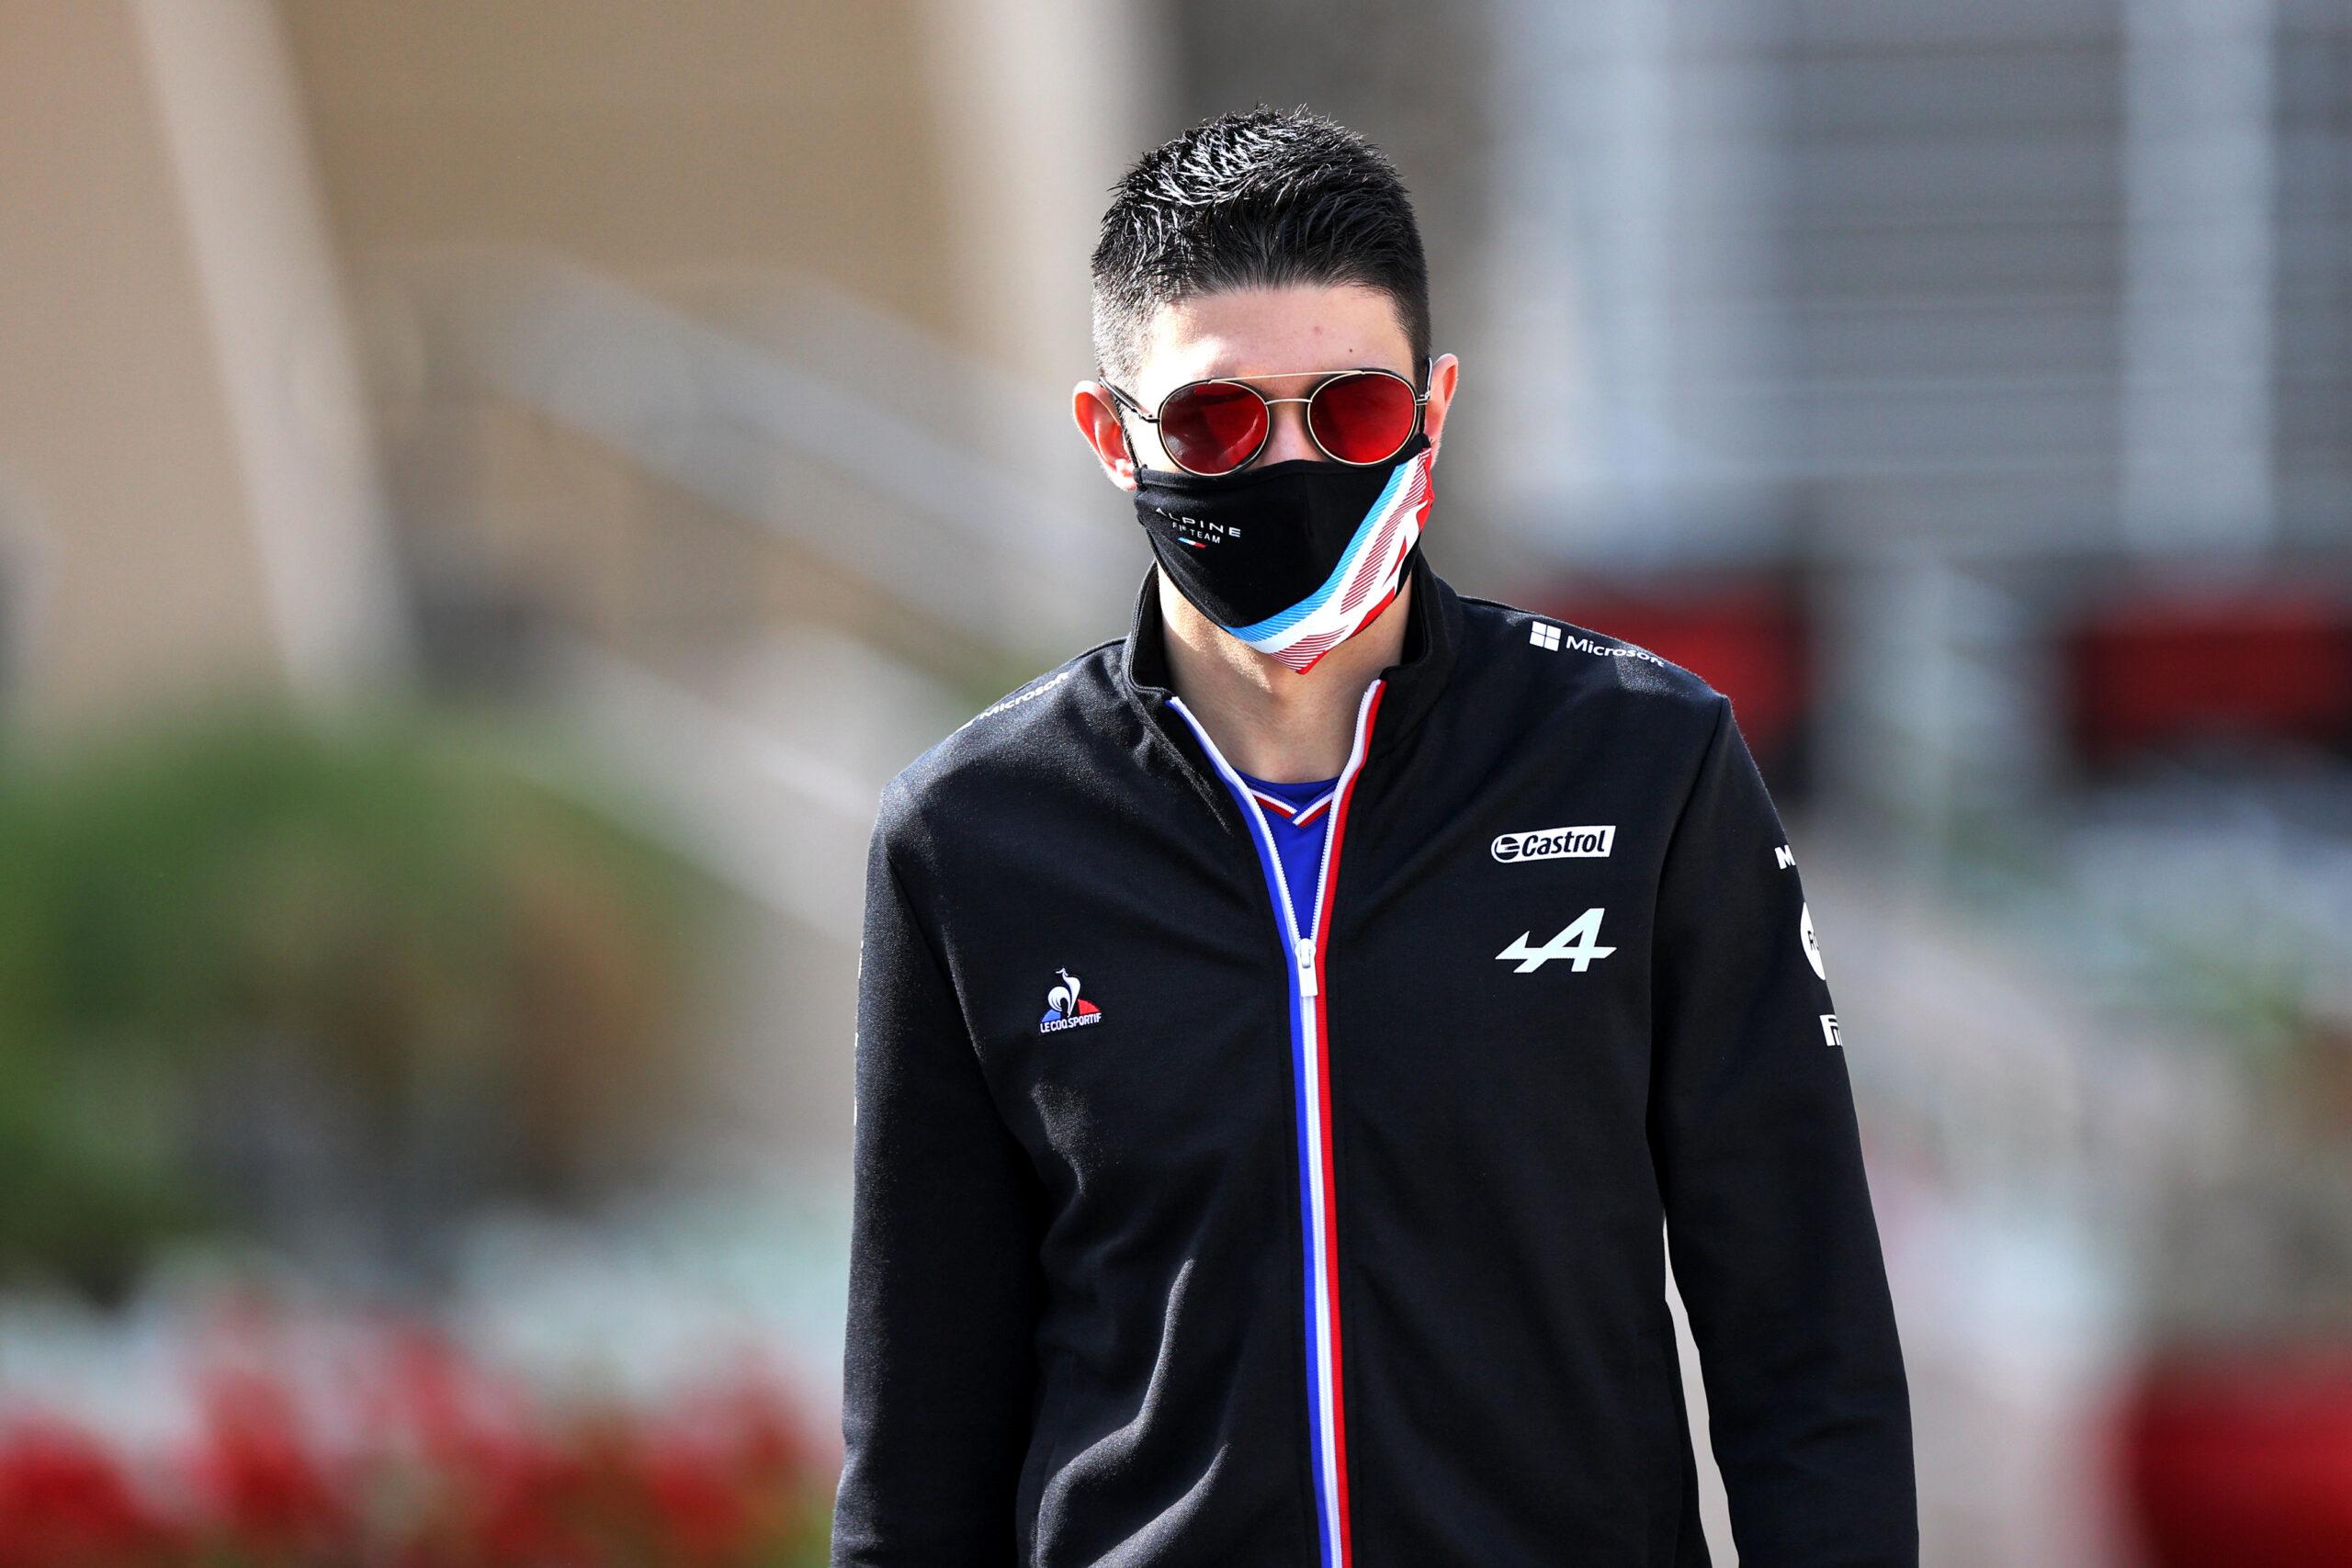 F1 - Ocon a travaillé dur avec son équipe pour préparer la Hongrie